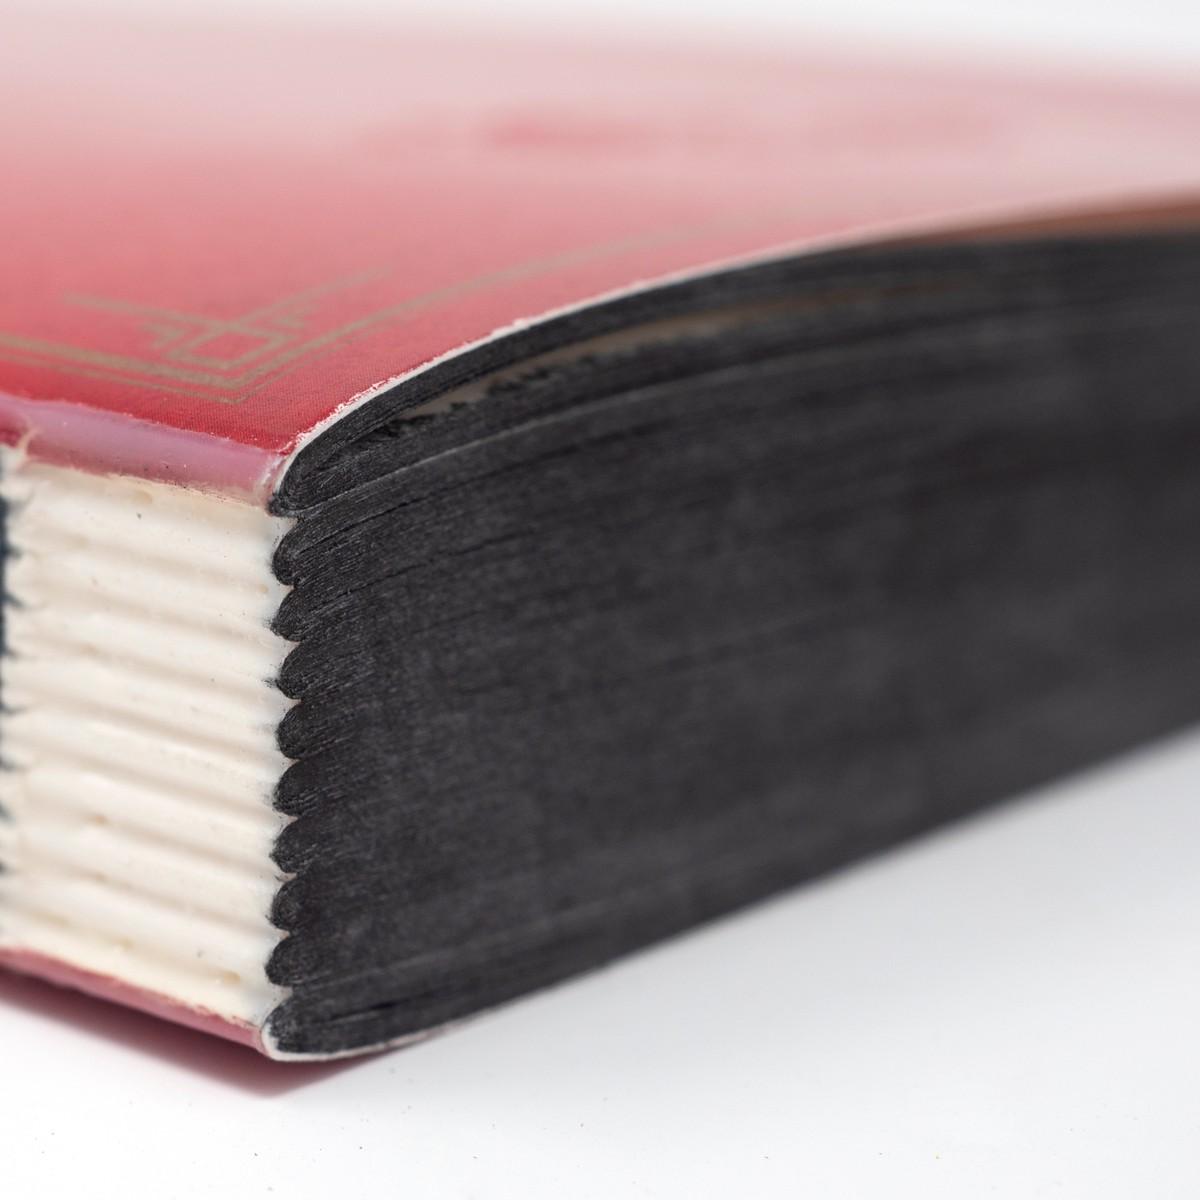 Photo of Odyssey Notebook